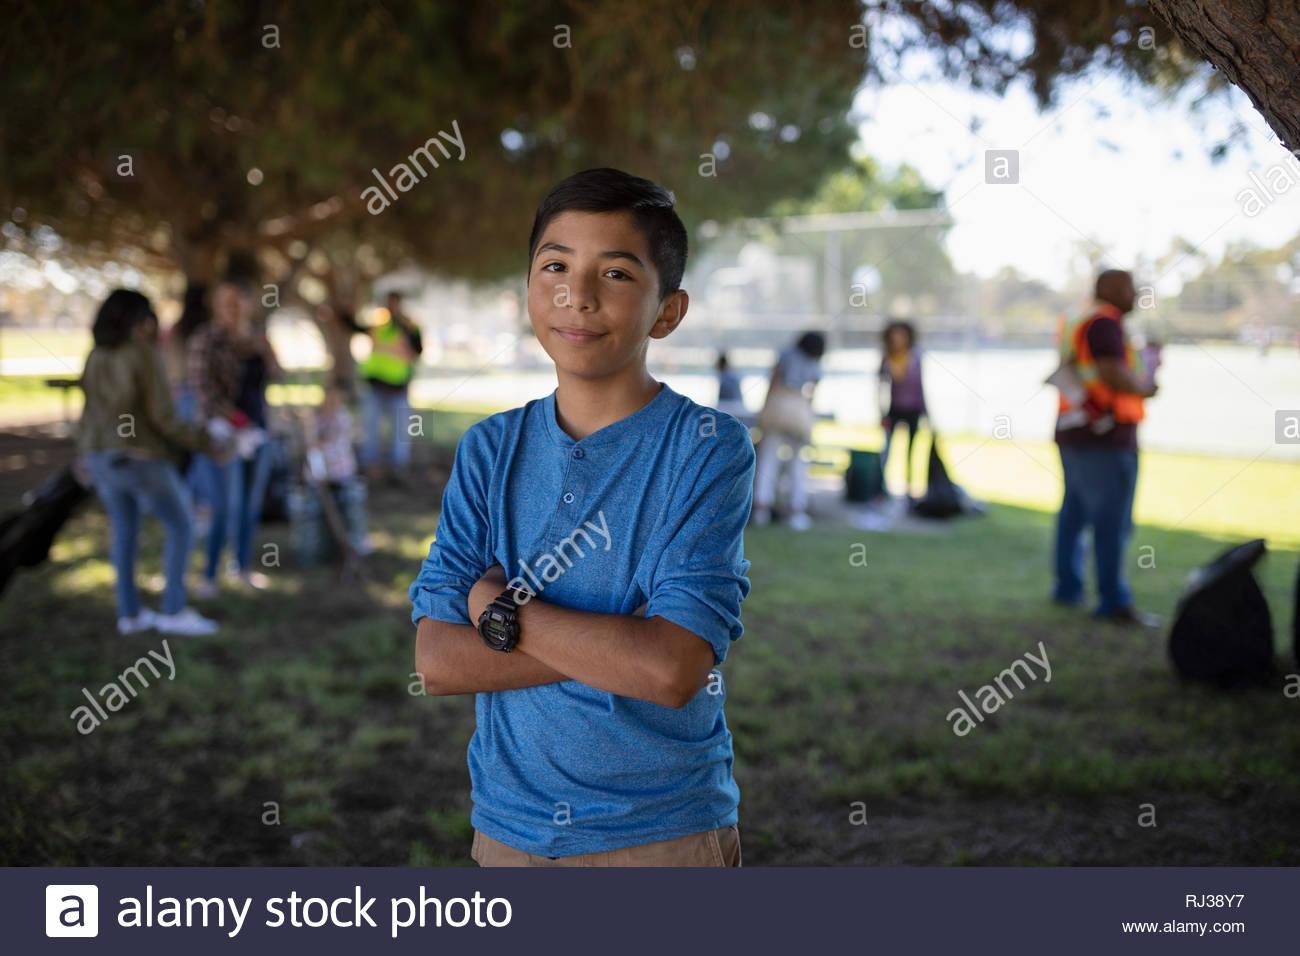 Ritratto fiducioso Latinx boy volontariato, parco di pulizia Immagini Stock